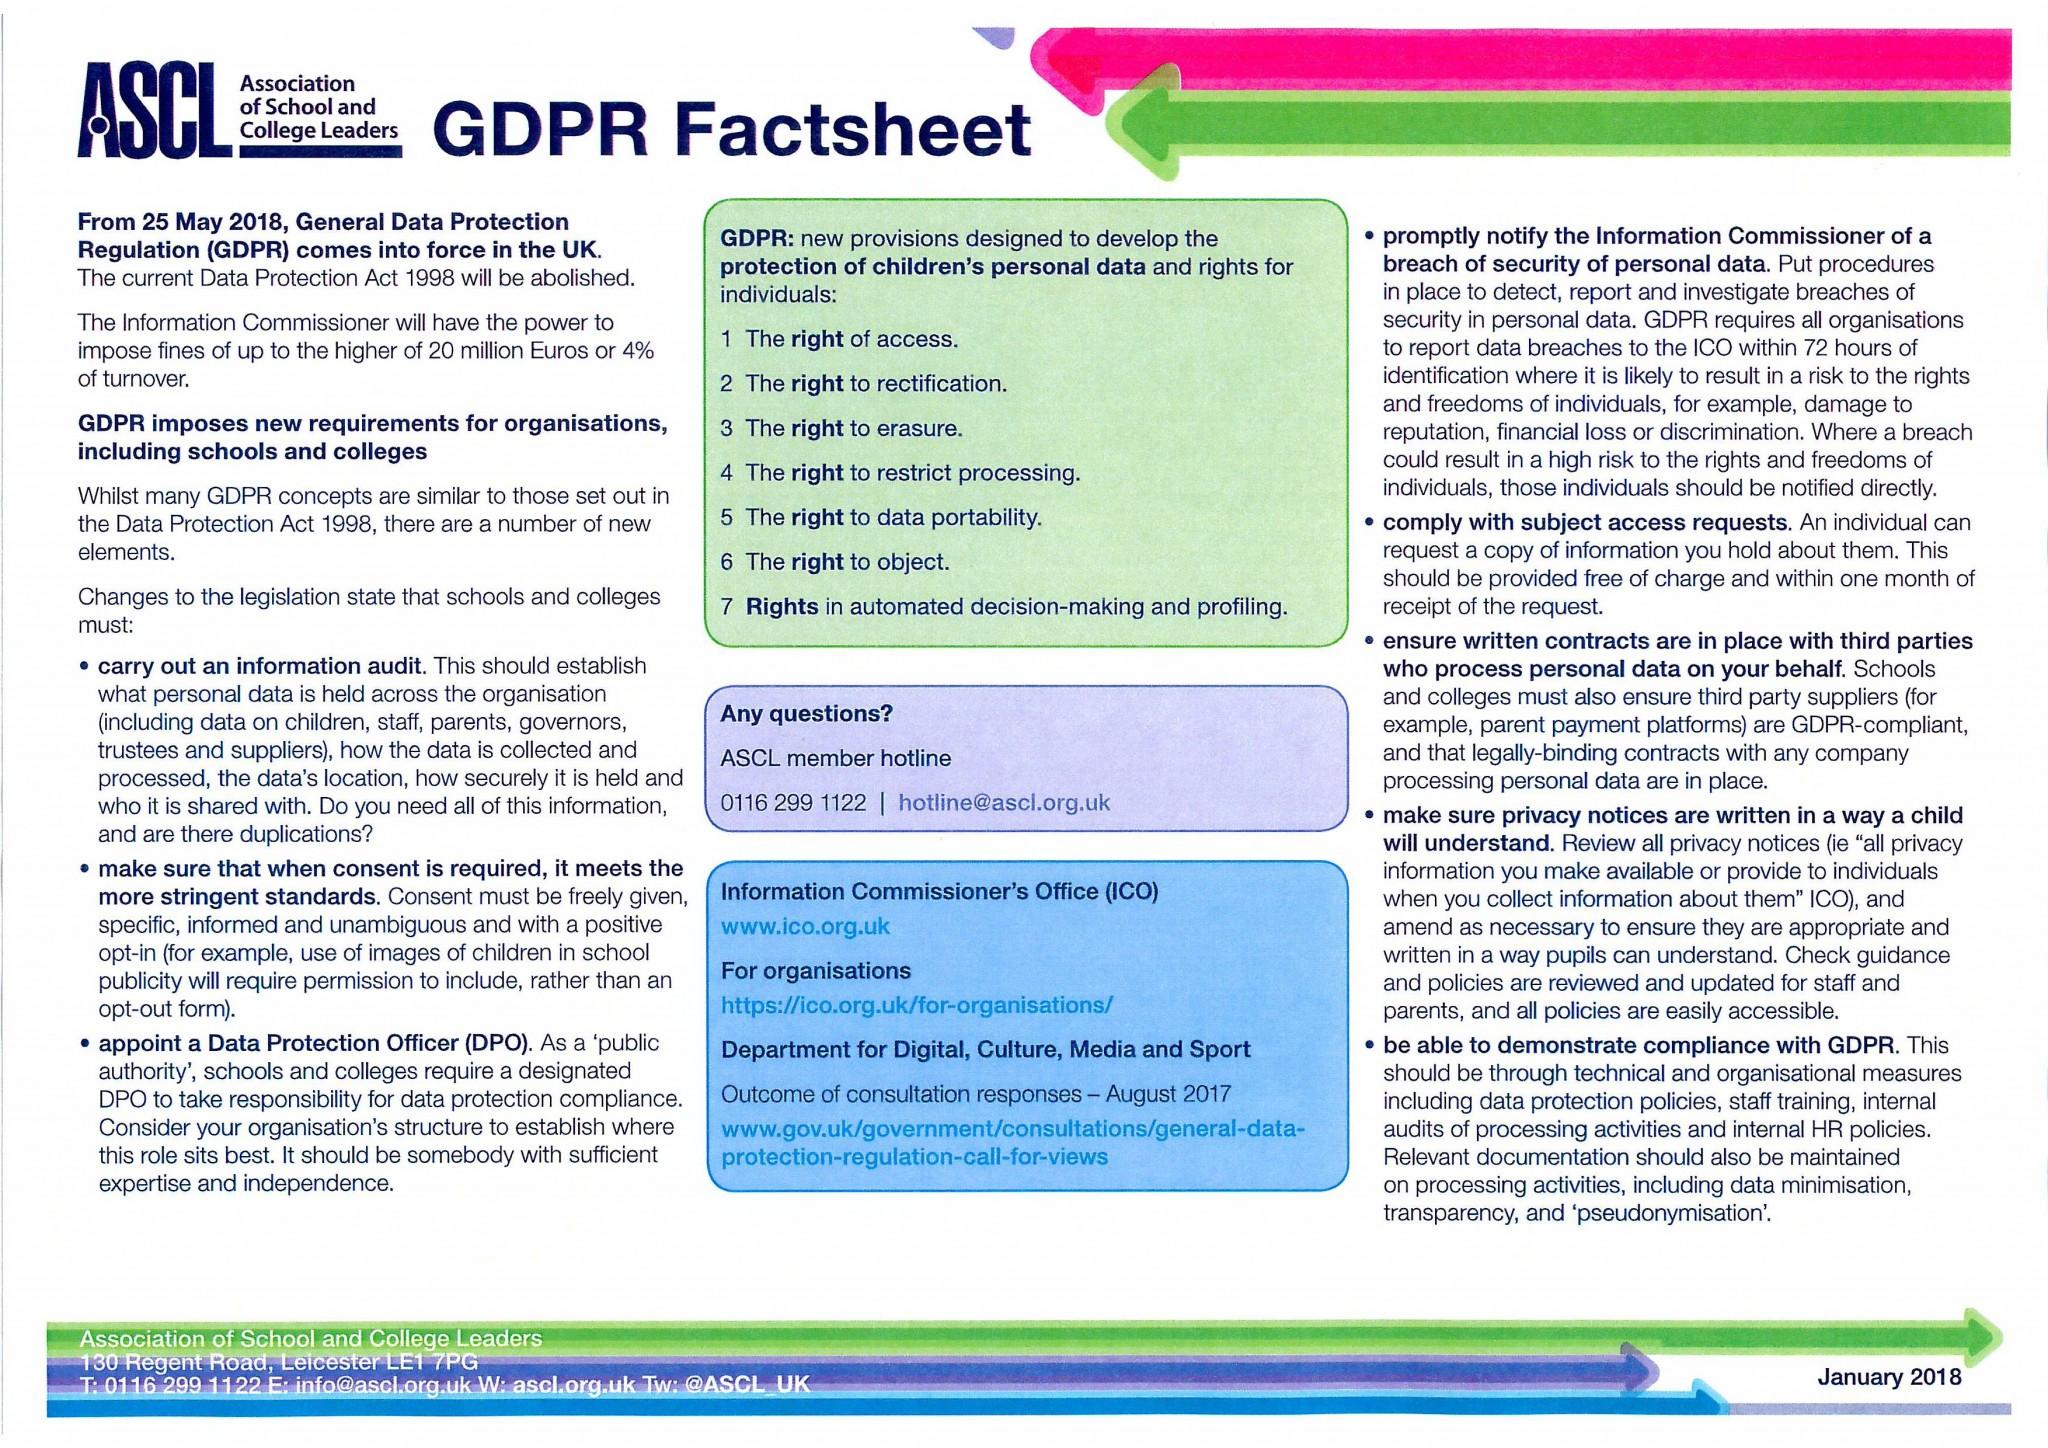 GDPR factsheet